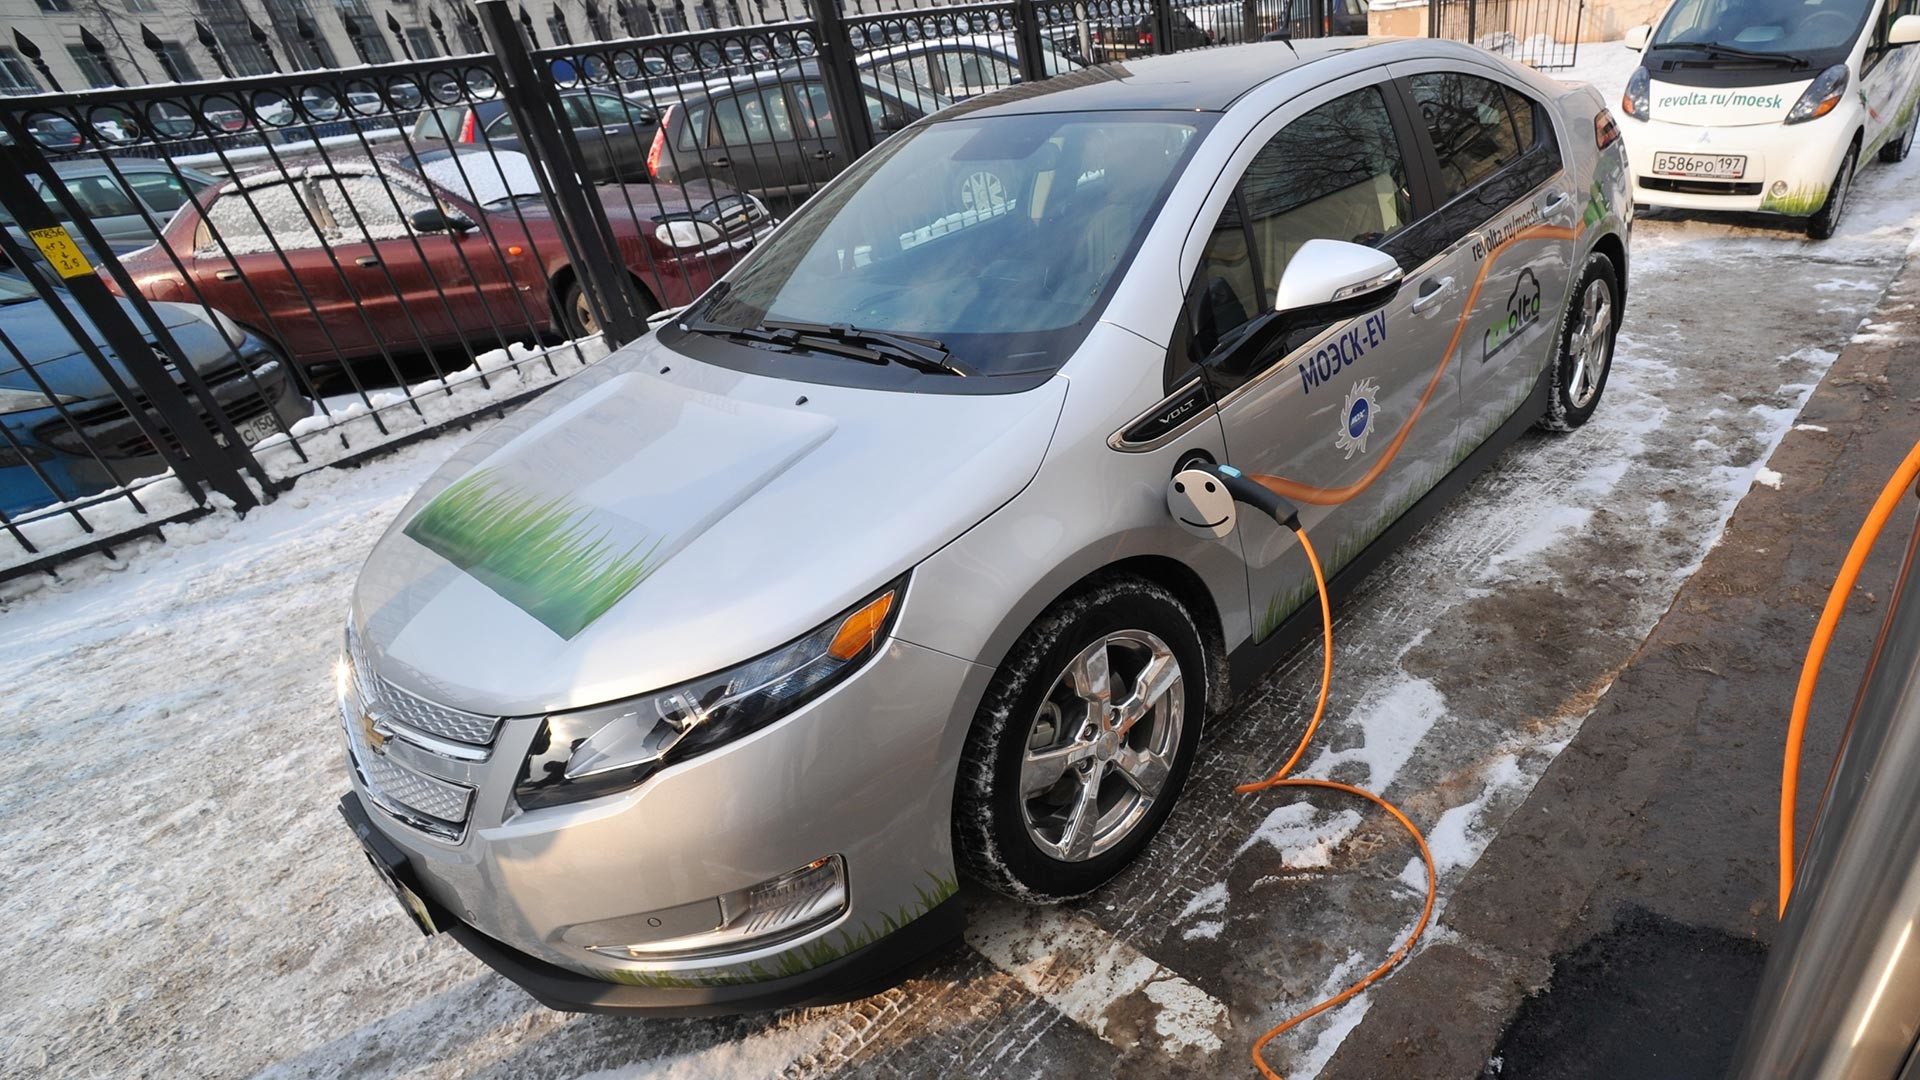 Електрични аутомобил Chevrolet Volt на презентацији прве мреже станциа за пуњење електромобила у Садовническој улици.